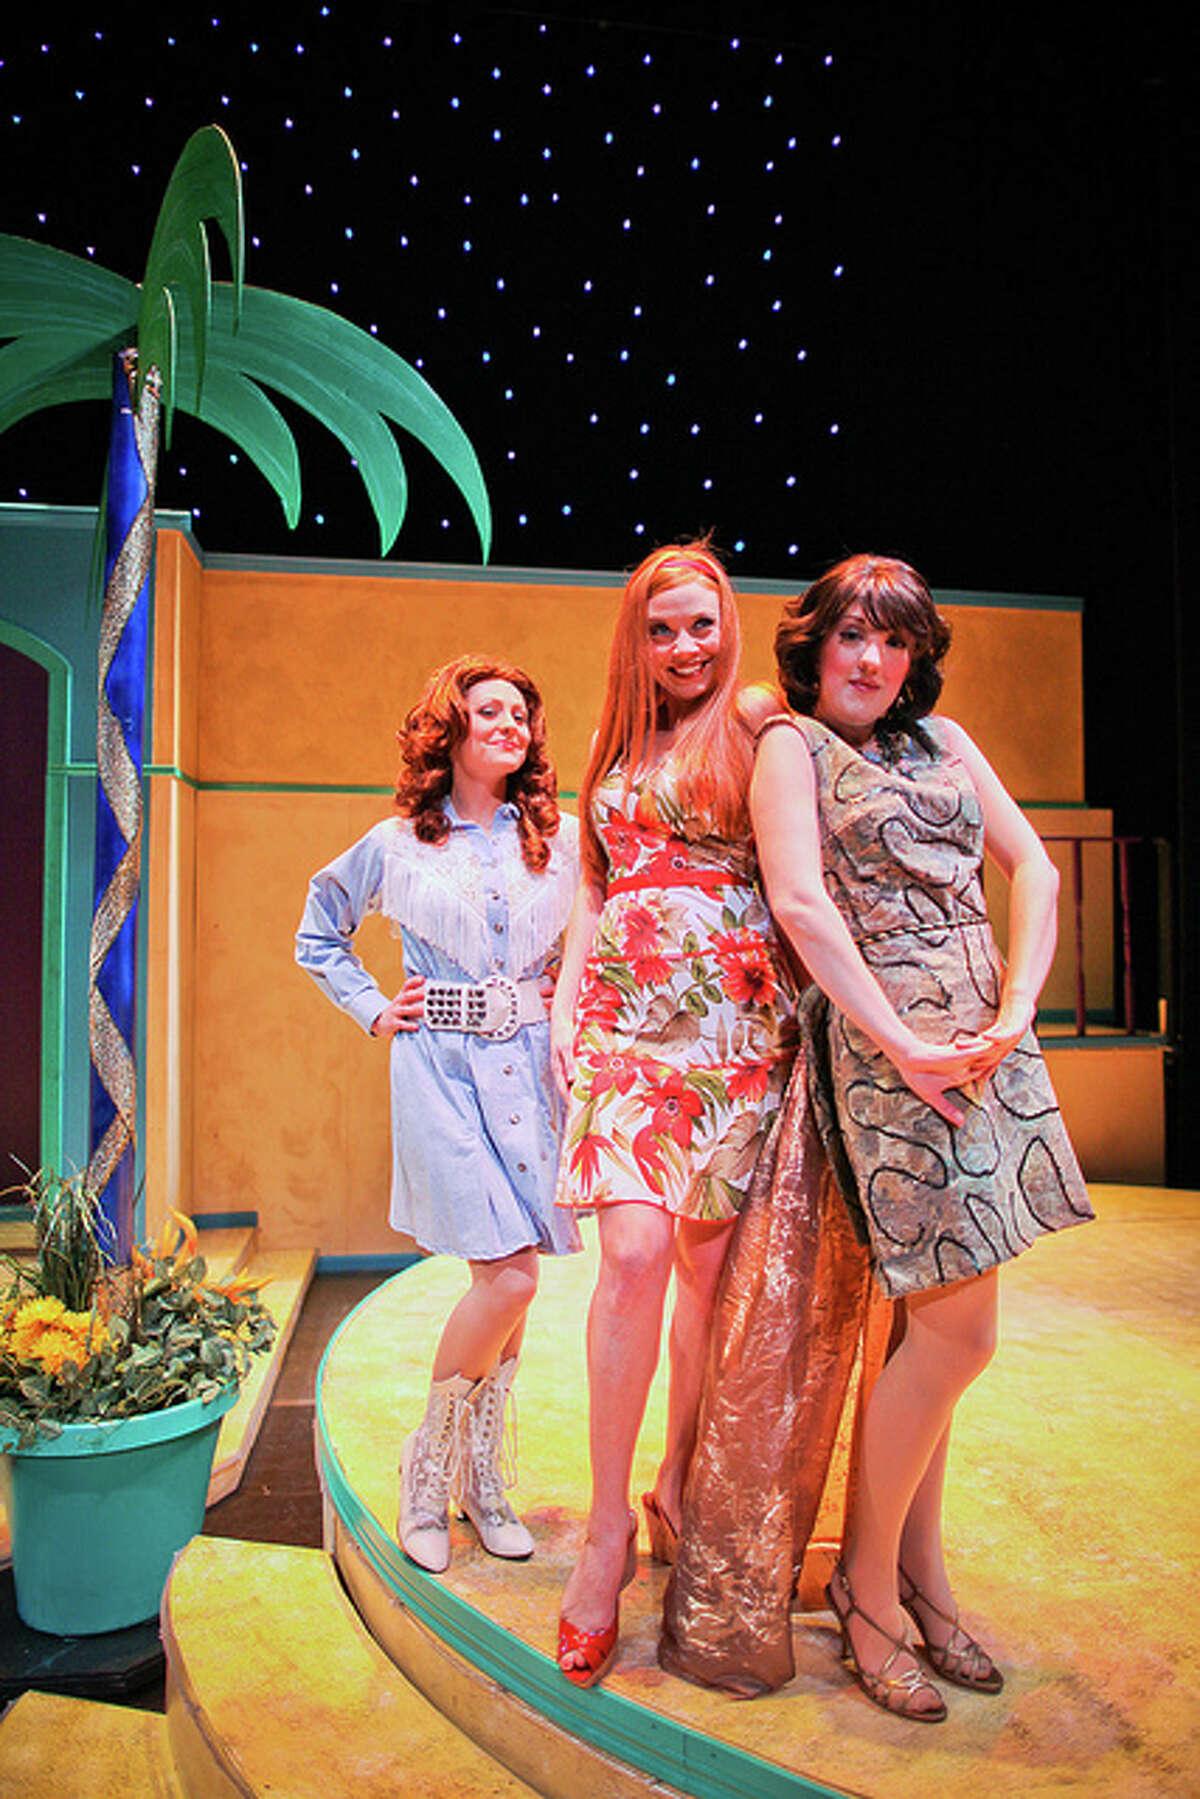 (L-R) Lendsey Kersey, Laura Babbitt, Kristina Sullivan in Masquerade's